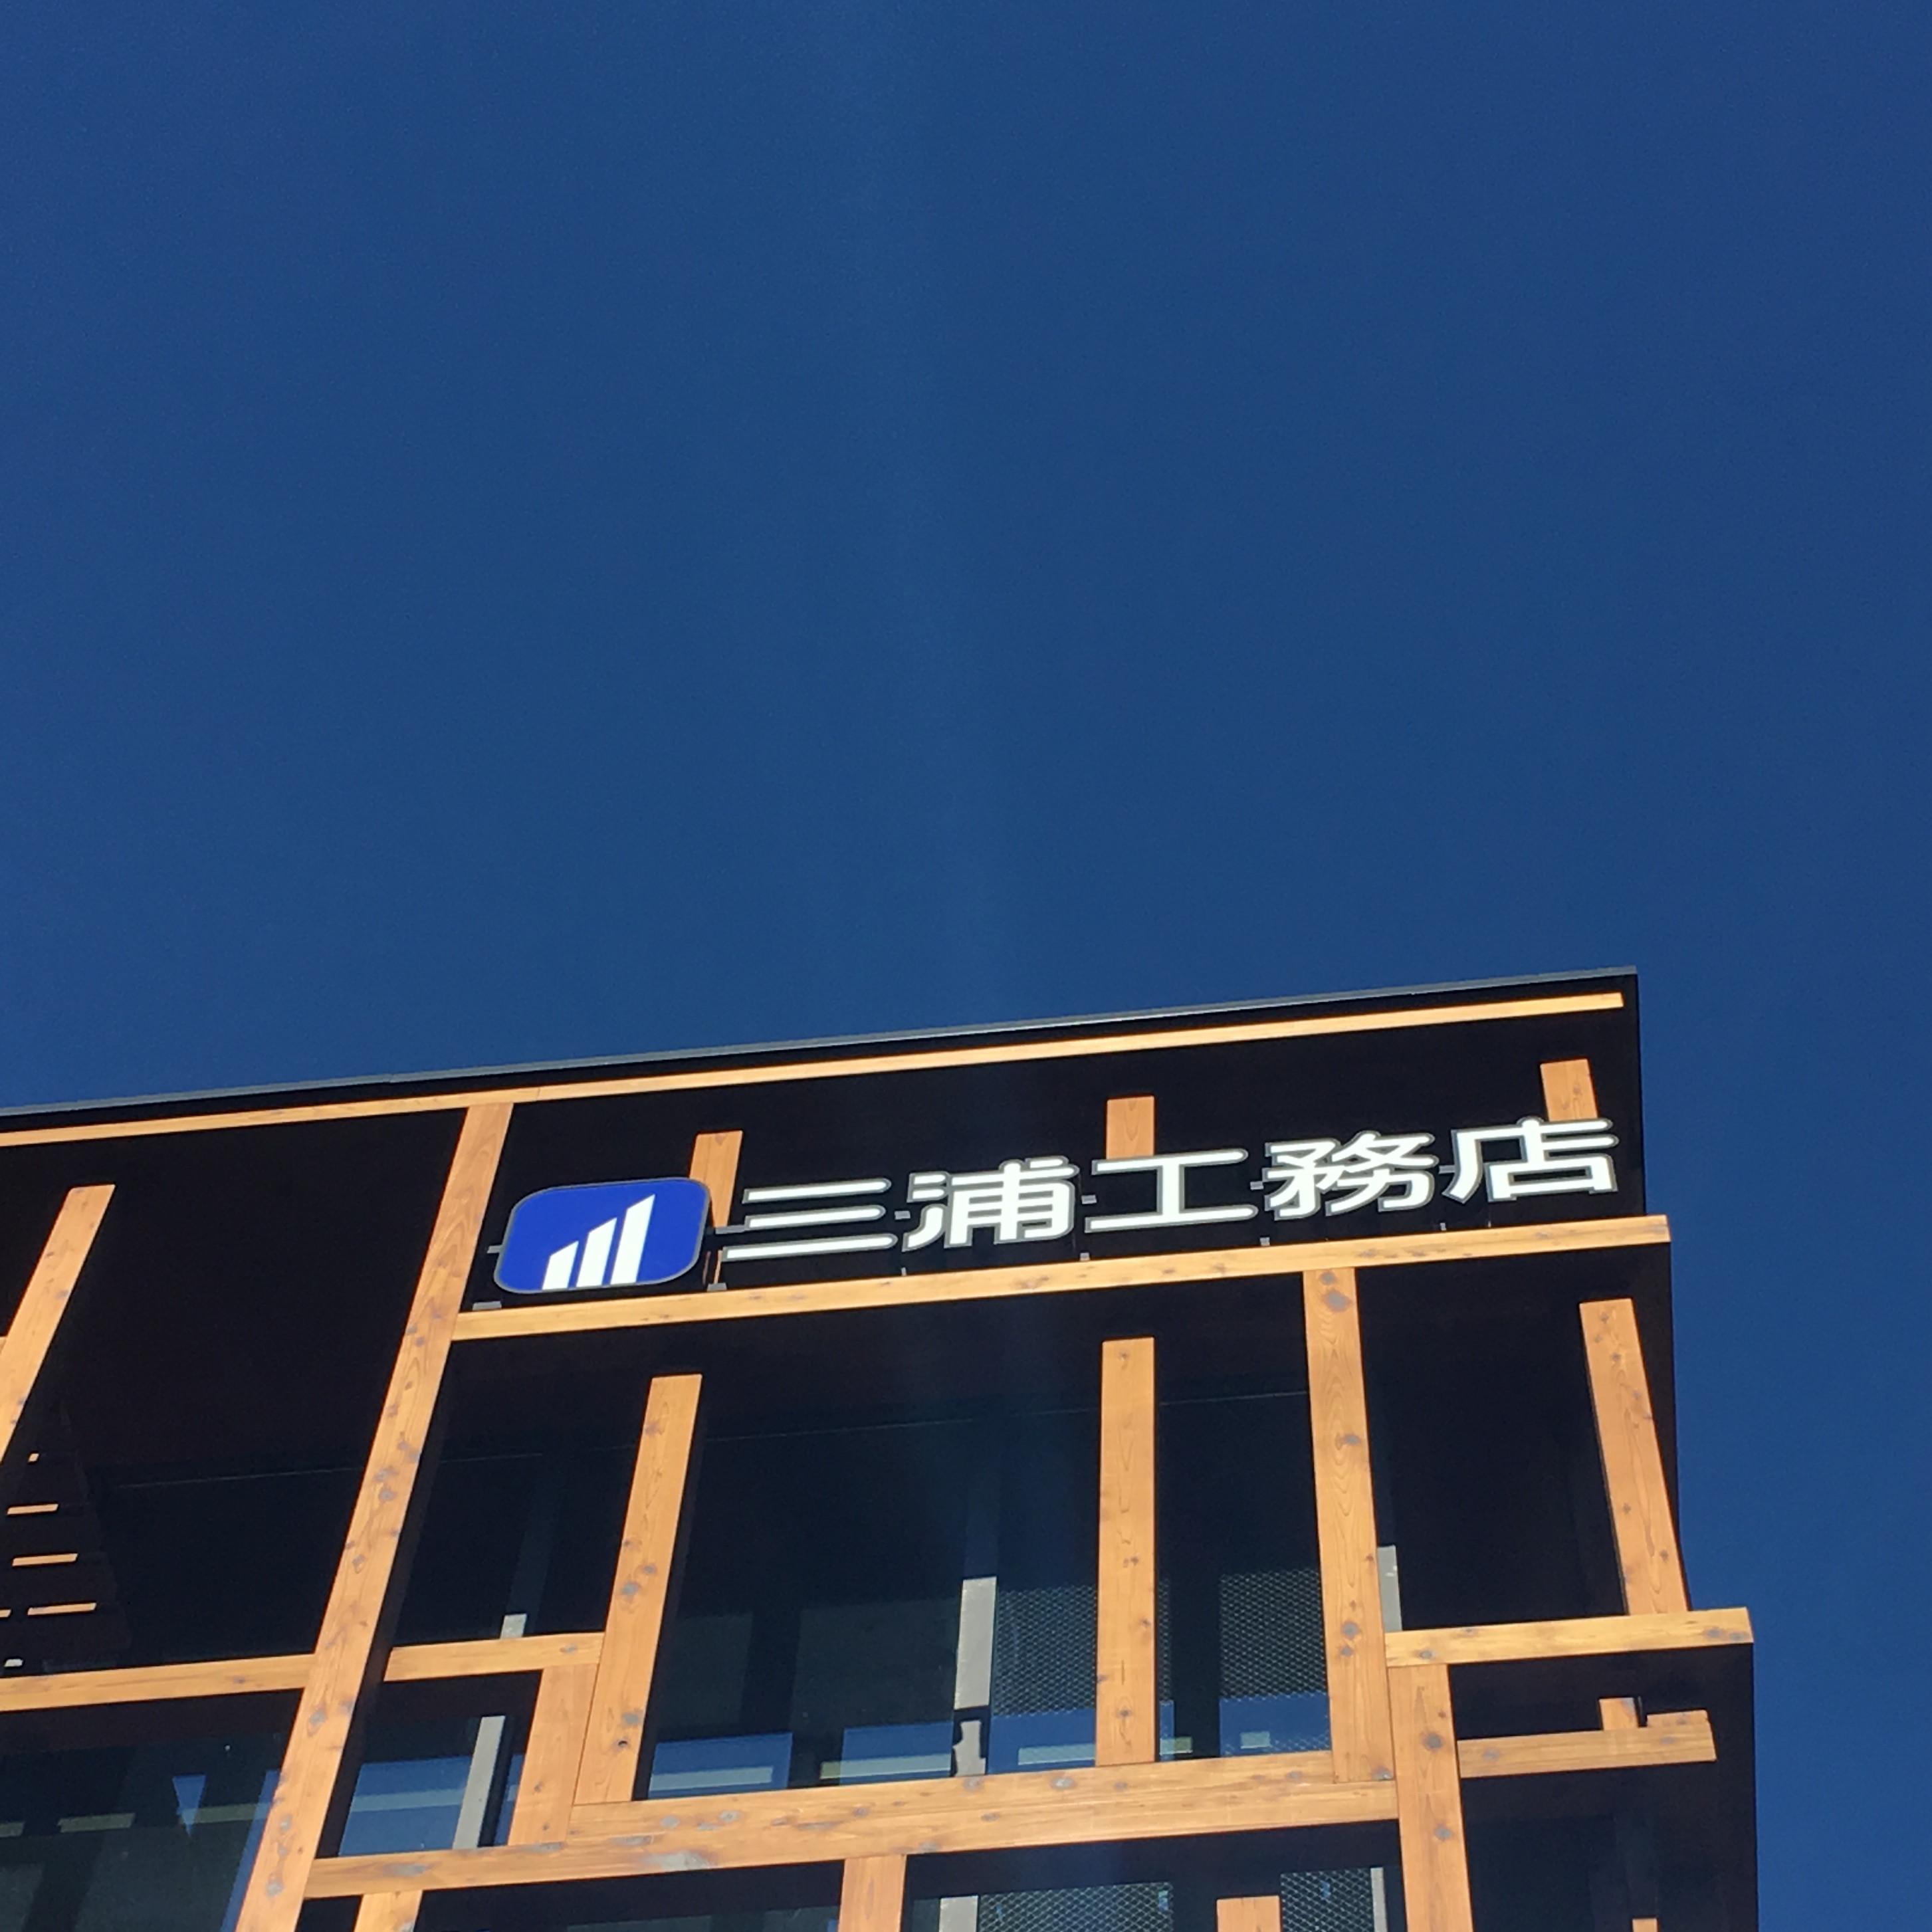 三浦工務店 - Wikipedia